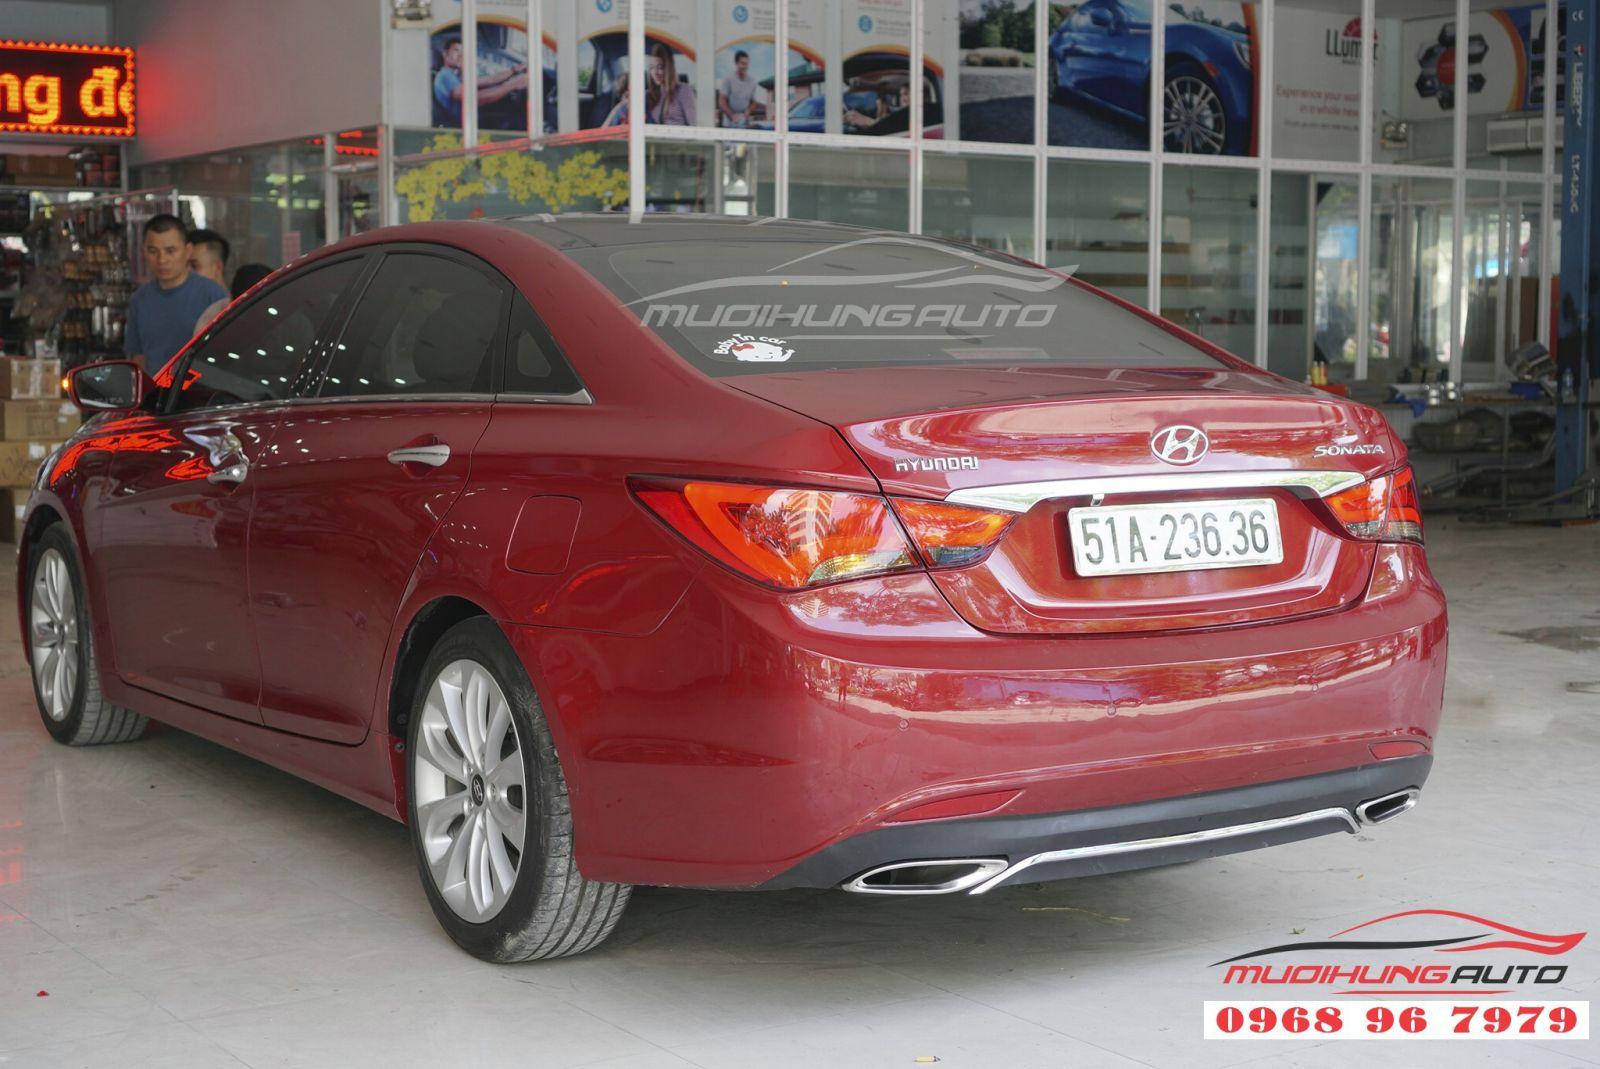 Hyundai Sonata 2011 độ đèn hậu nguyên cụm giá tốt 01